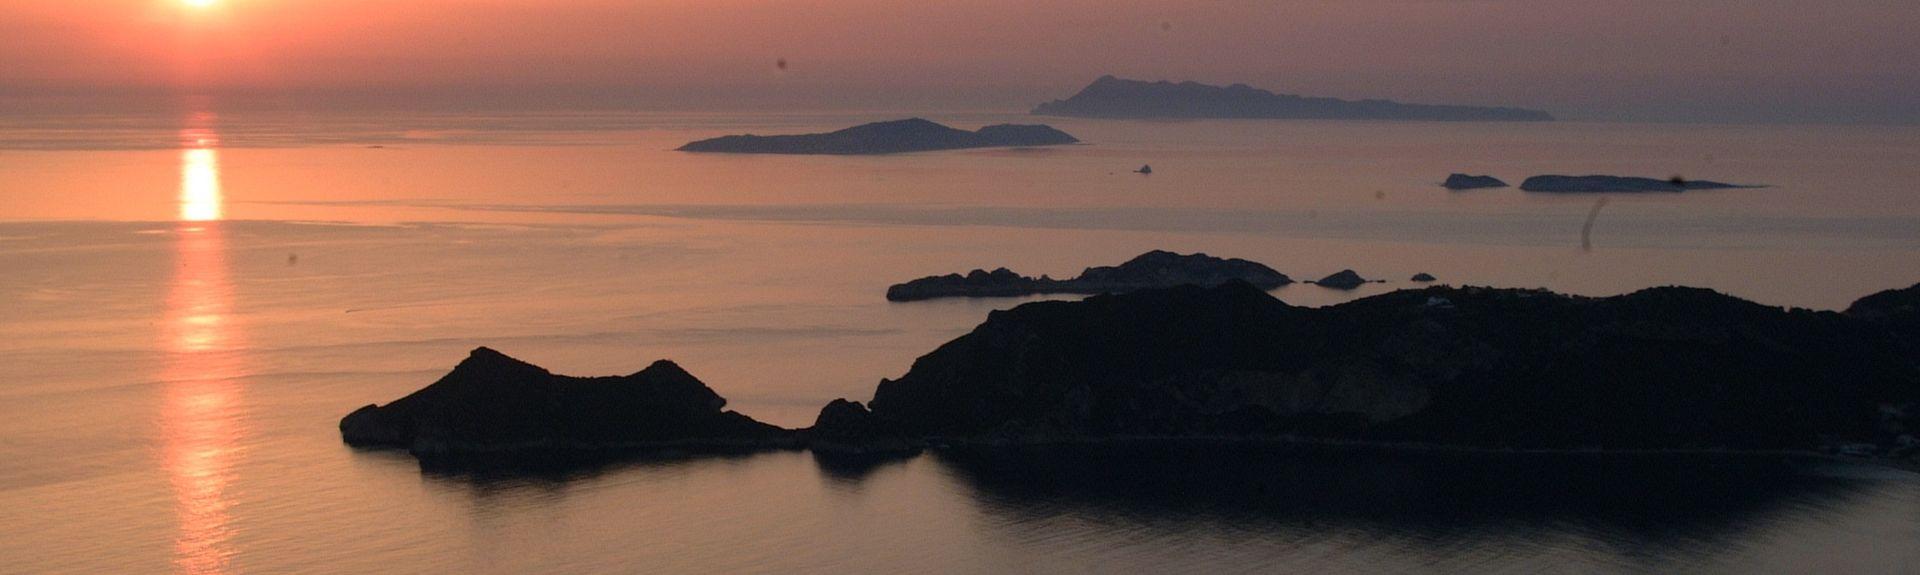 Velonades, Administração Descentralizada do Peloponeso, Grécia Ocidental e Ilhas Jónicas, Grécia